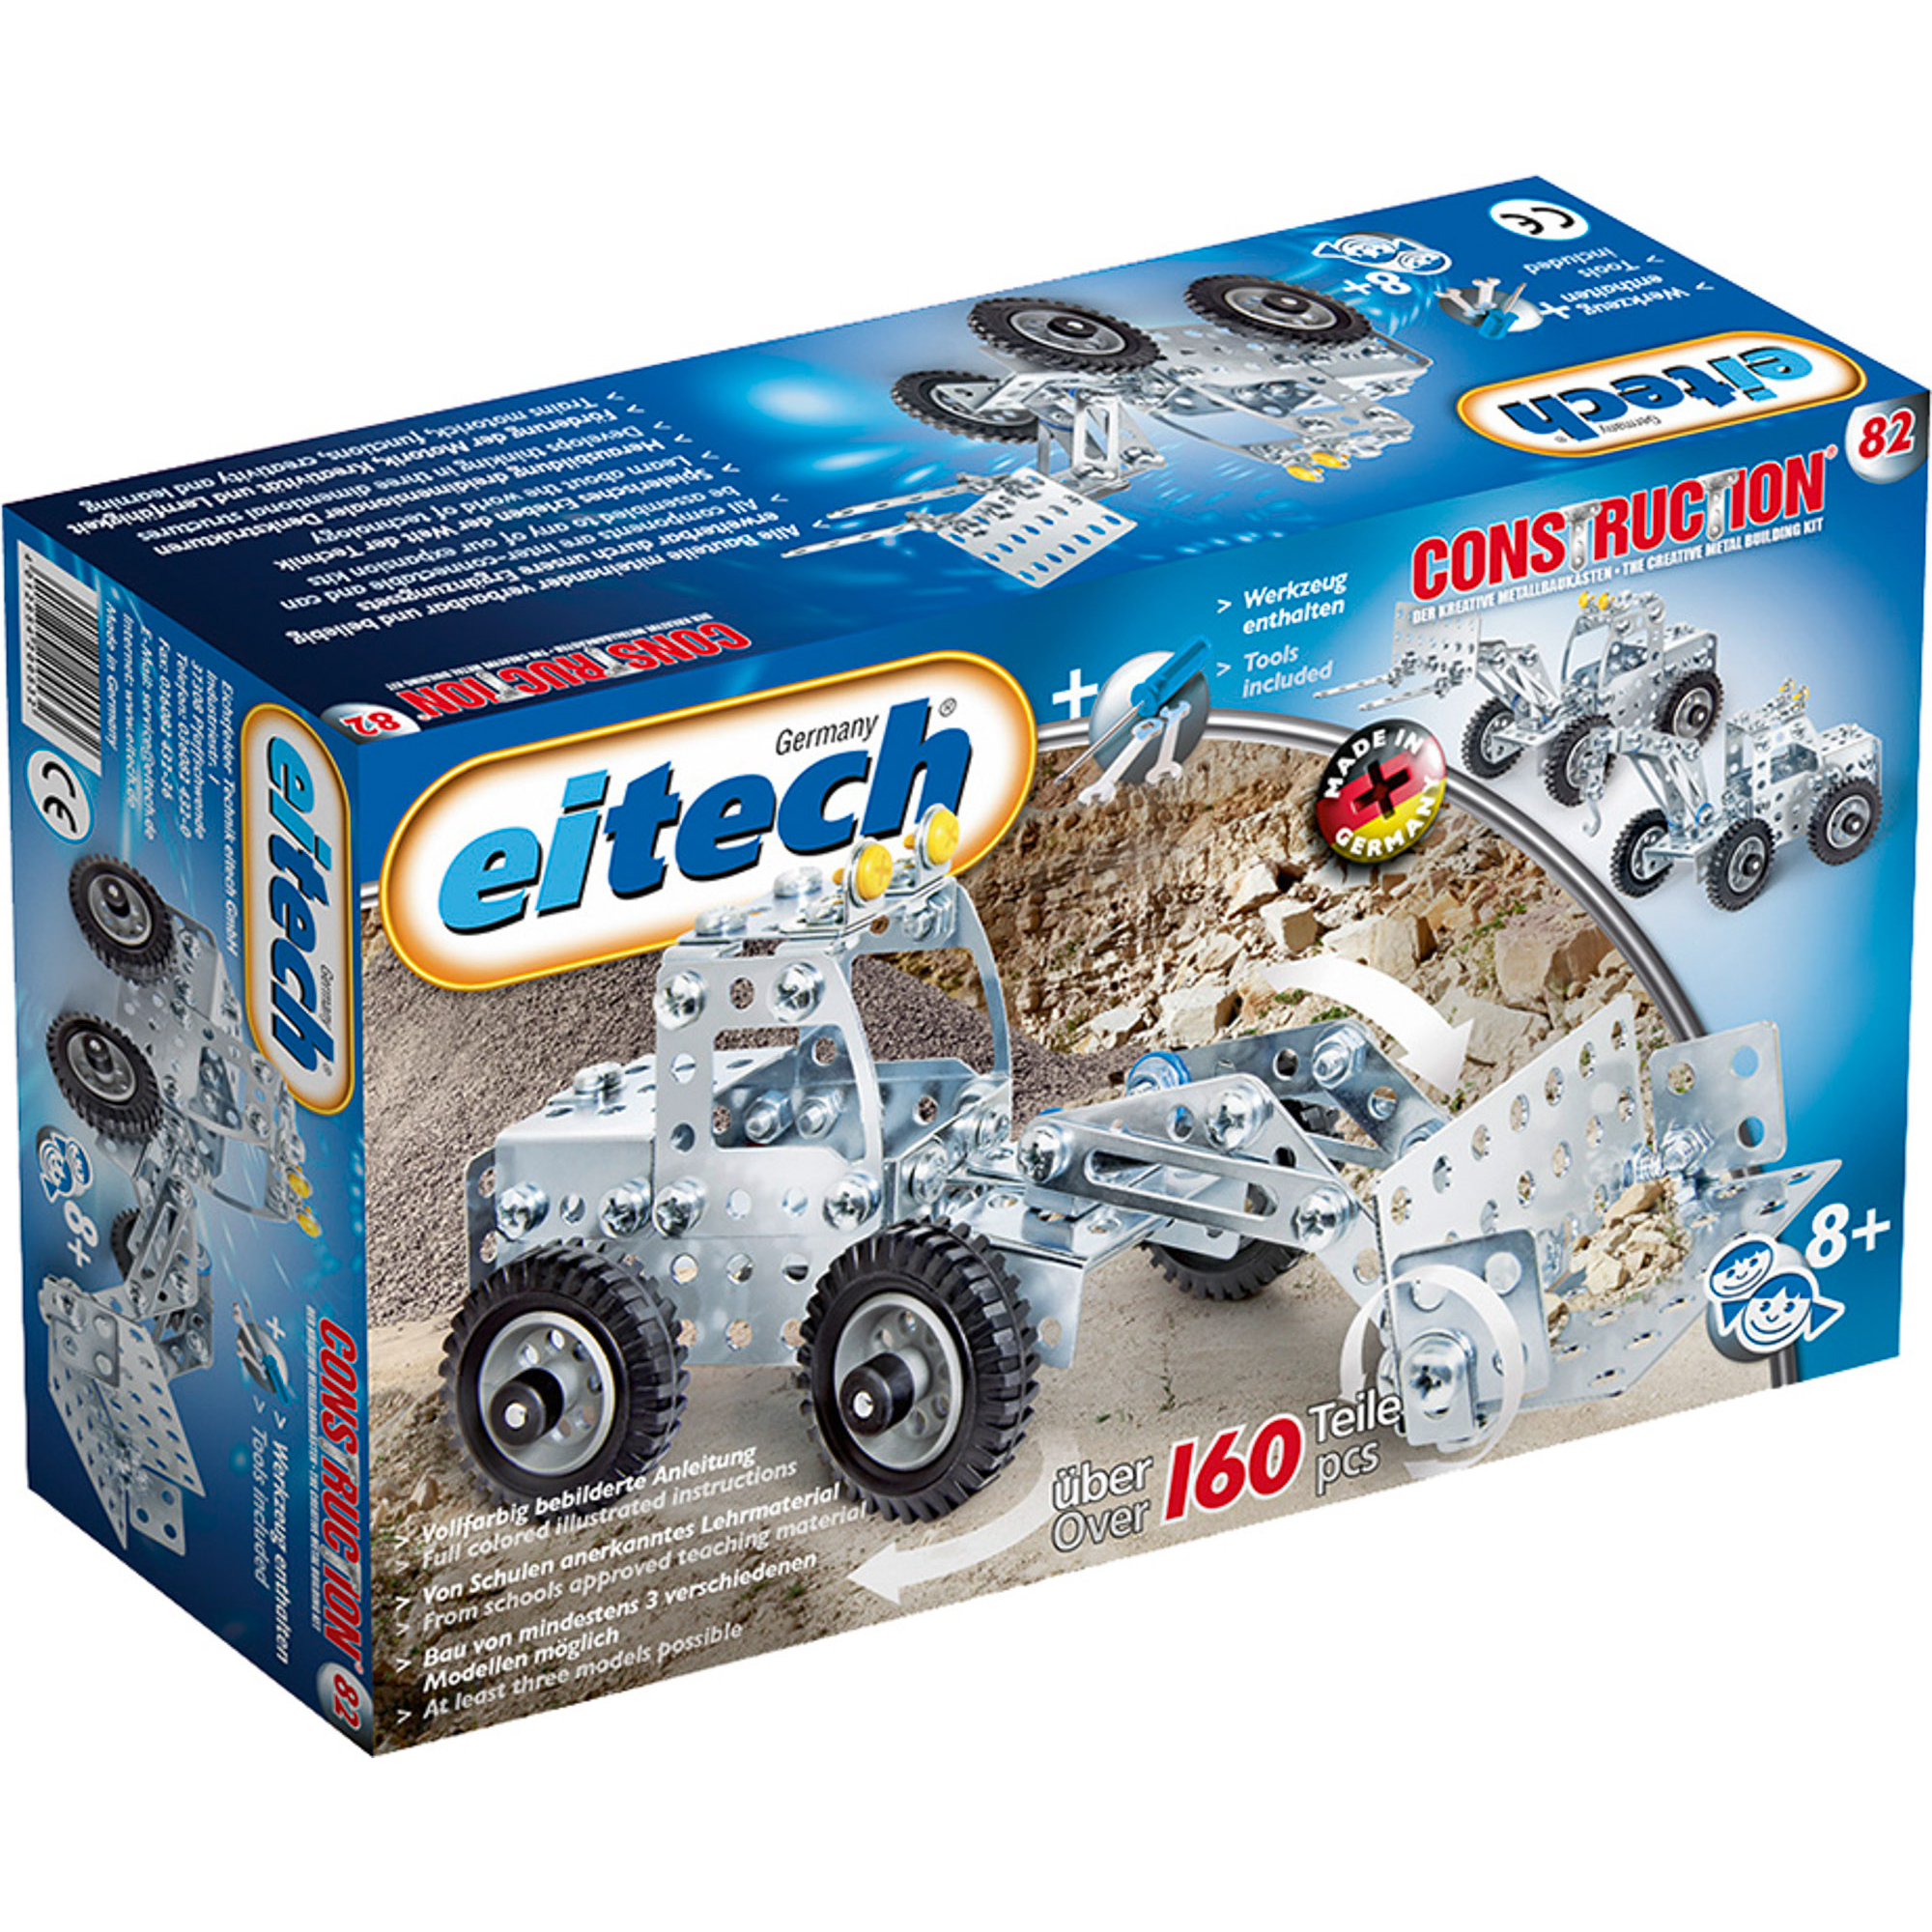 Конструктор Eitech Колесный погрузчик 82 конструктор eitech exclusive c12 космический челнок